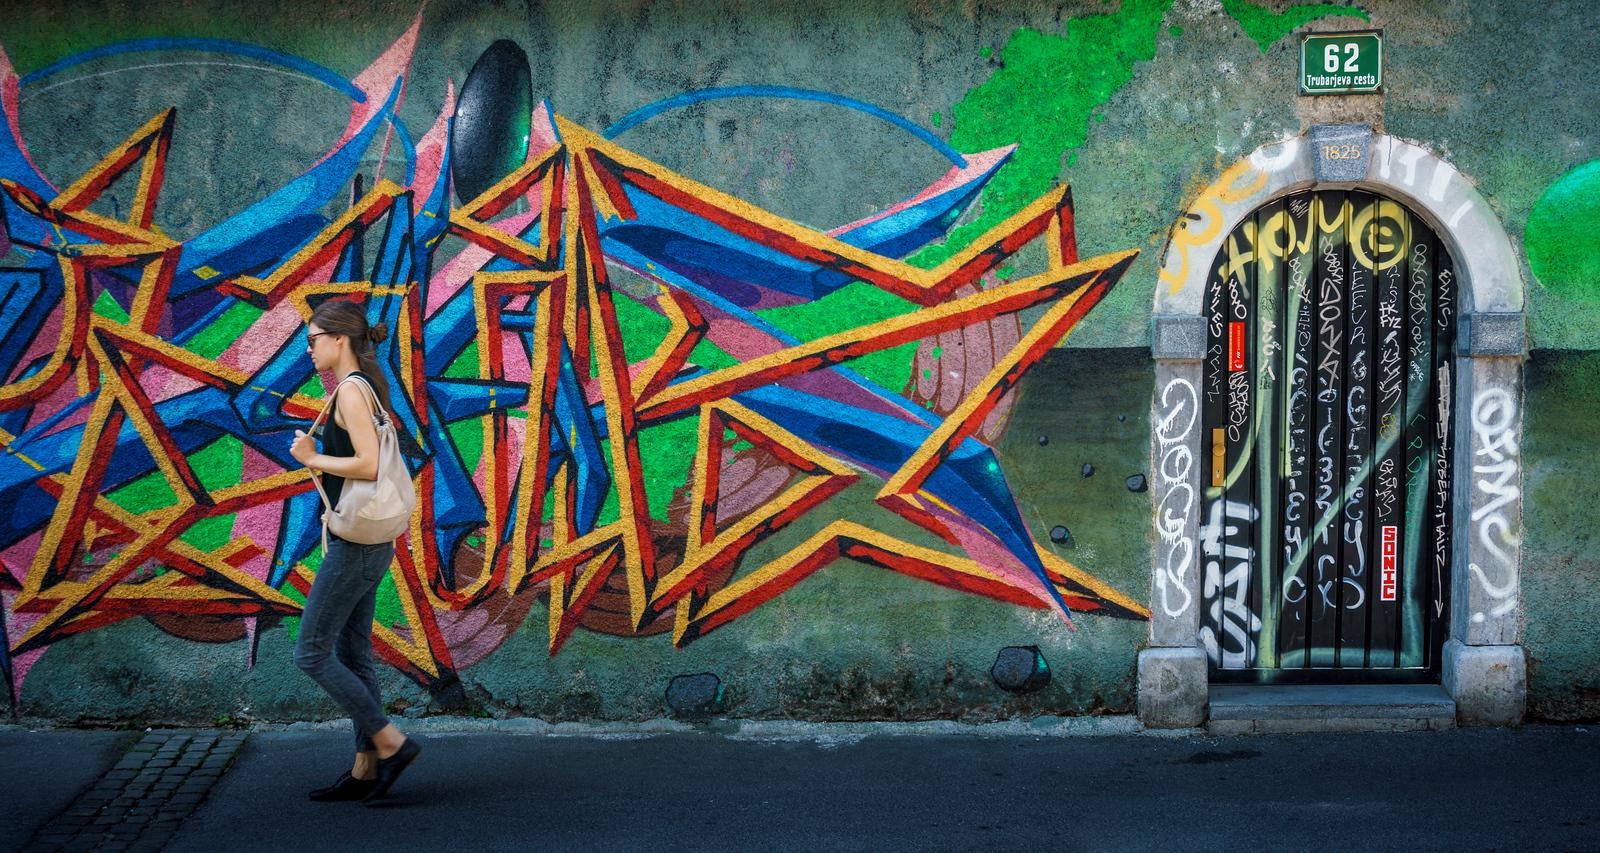 Street Art at Trubarjeva cesta.